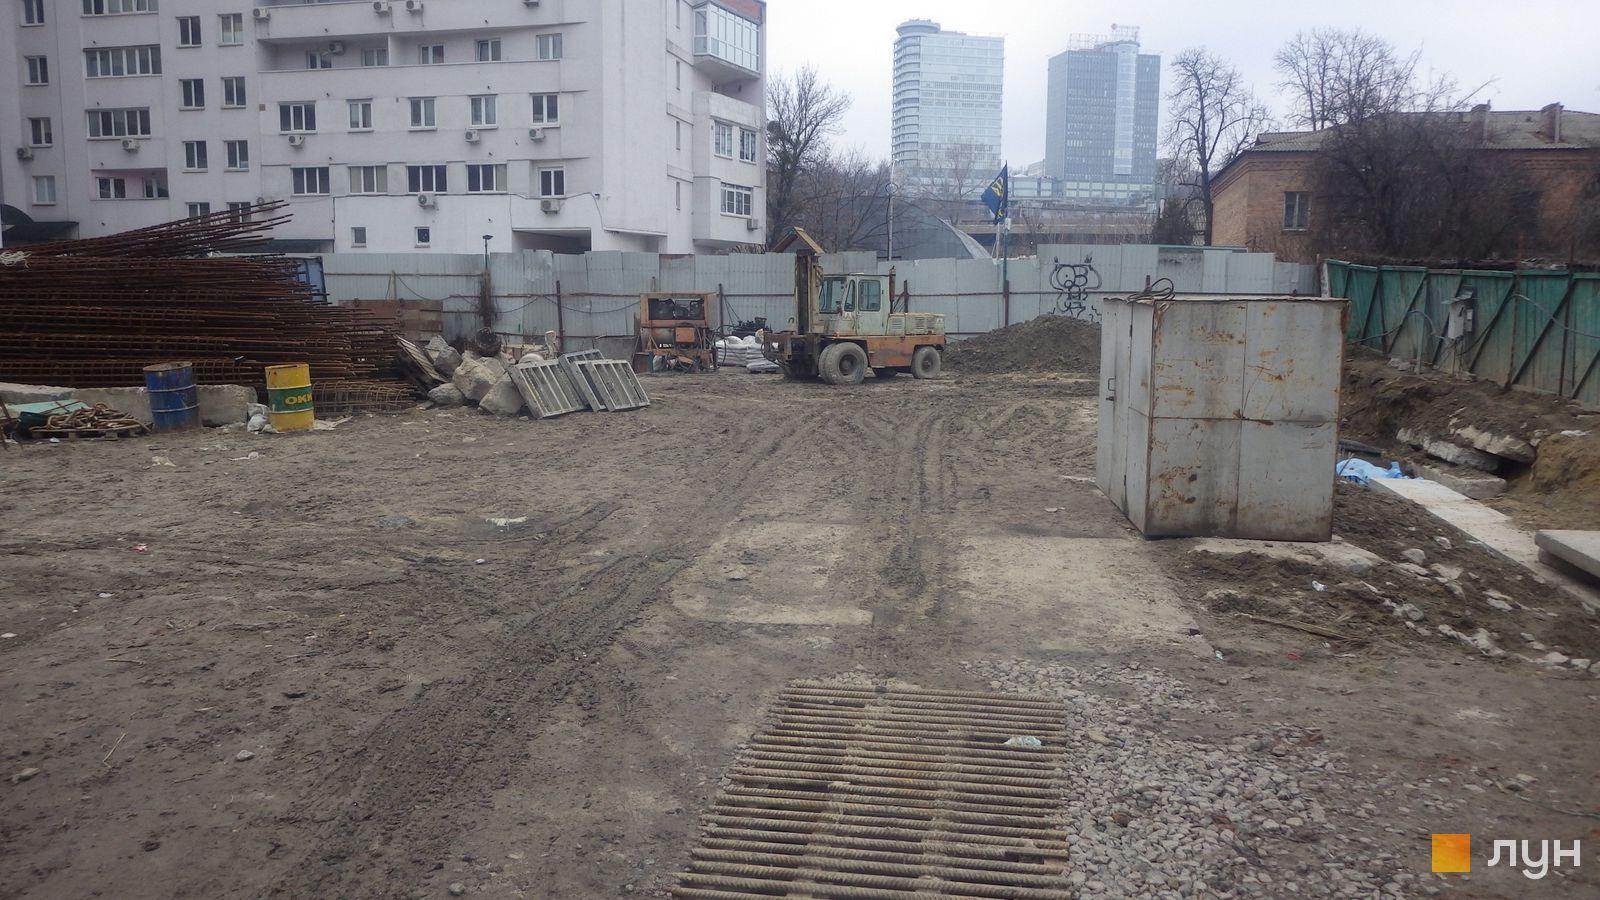 Ход строительства ул. Казимира Малевича, 44, 46, , январь 2020